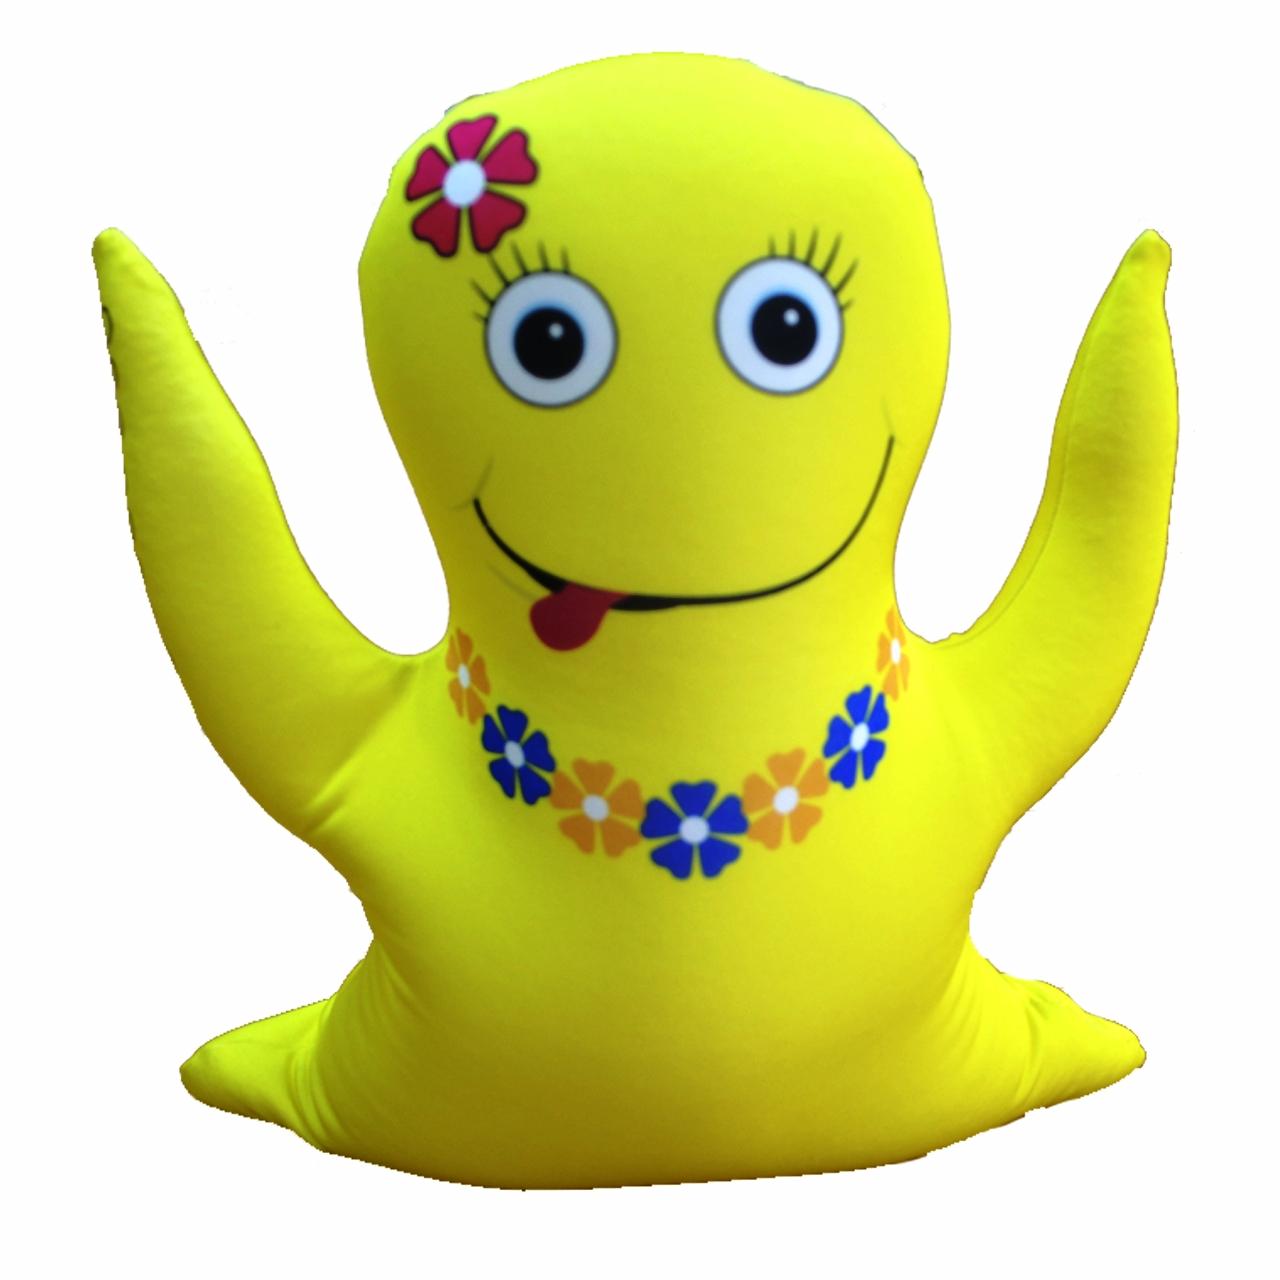 Осьминожка желтаяПодарки к 14 февраля<br><br>